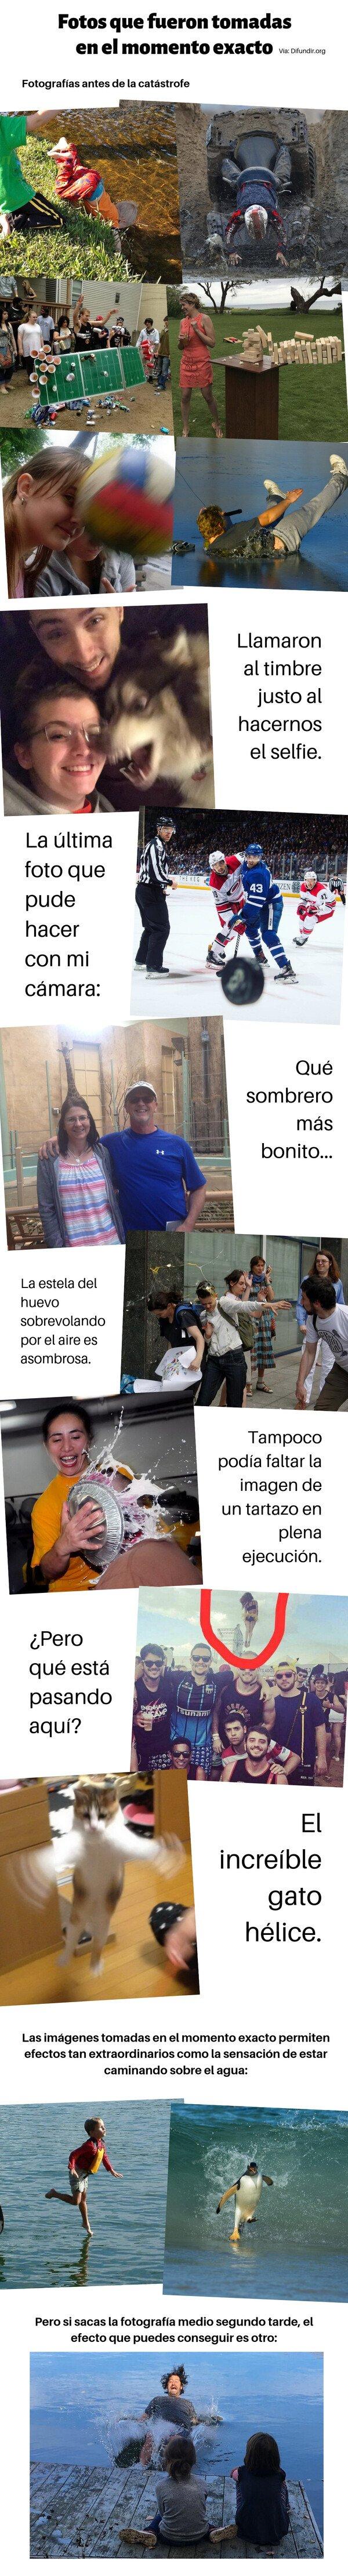 Meme_otros - Fotos que fueron tomadas en el momento exacto